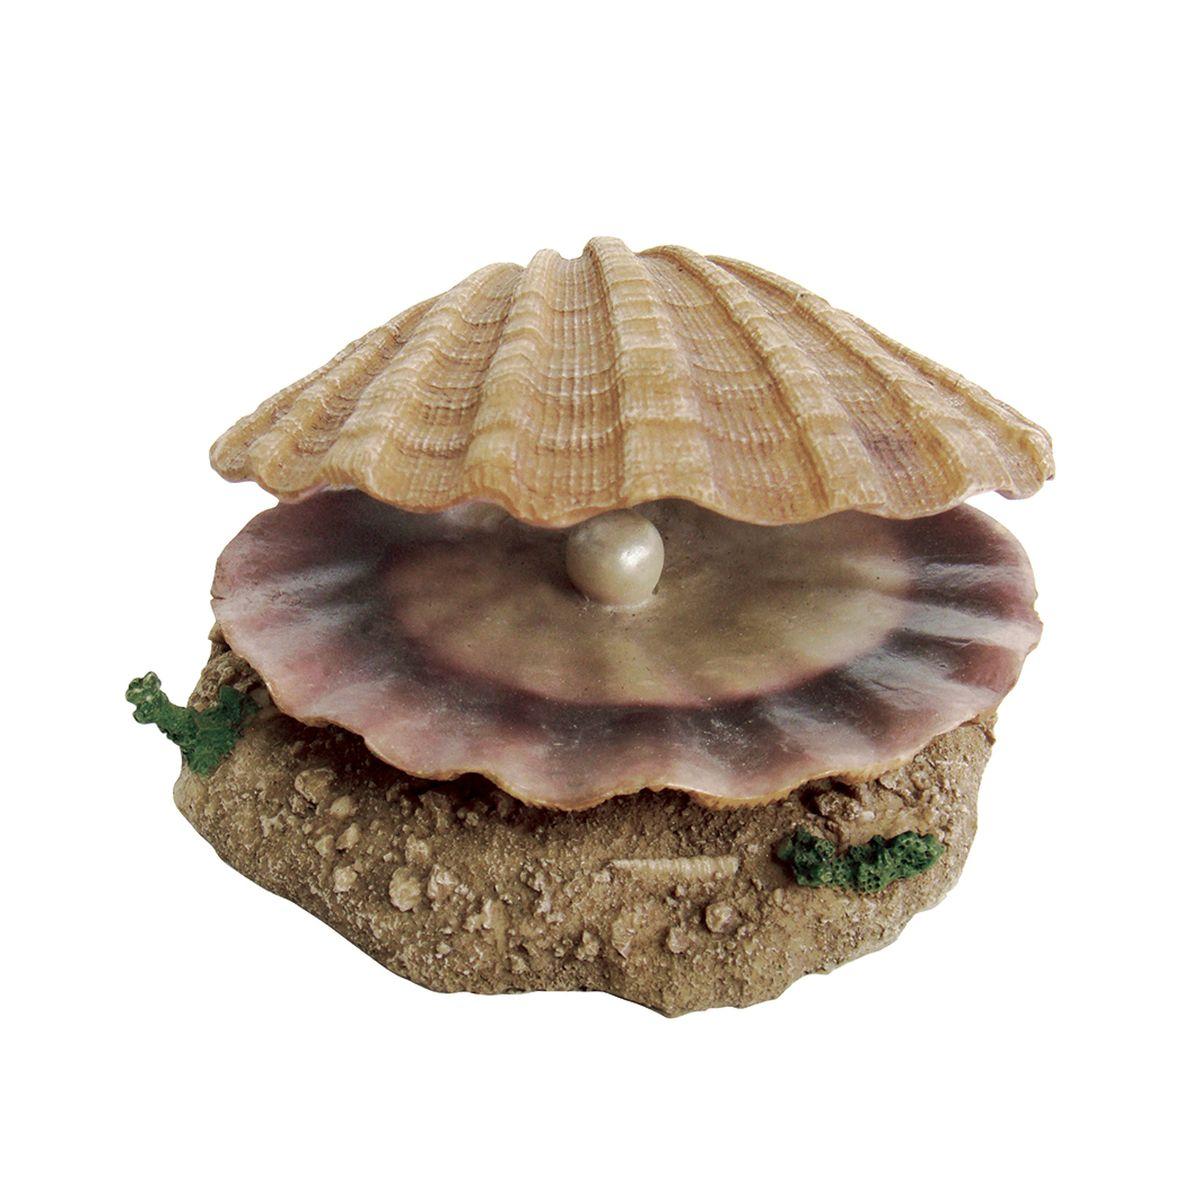 Декорация для аквариума ArtUniq Раковина с жемчужиной, с подвижным элементом, 14,5 x 13,3 x 6,5 смART-2230170Декорация ArtUniq – это яркая и важная часть любой композиции, она поможет вдохнуть жизнь в ландшафт любого аквариума или террариума. Декорация безопасна для обитателей аквариума, она не меняет параметры воды. Многие обитатели аквариума часто используют декорации как укрытия, в которых они живут и размножаются. Благодаря декорациям ArtUniq вы сможете создать прекрасный пейзаж на дне вашего аквариума или террариума.